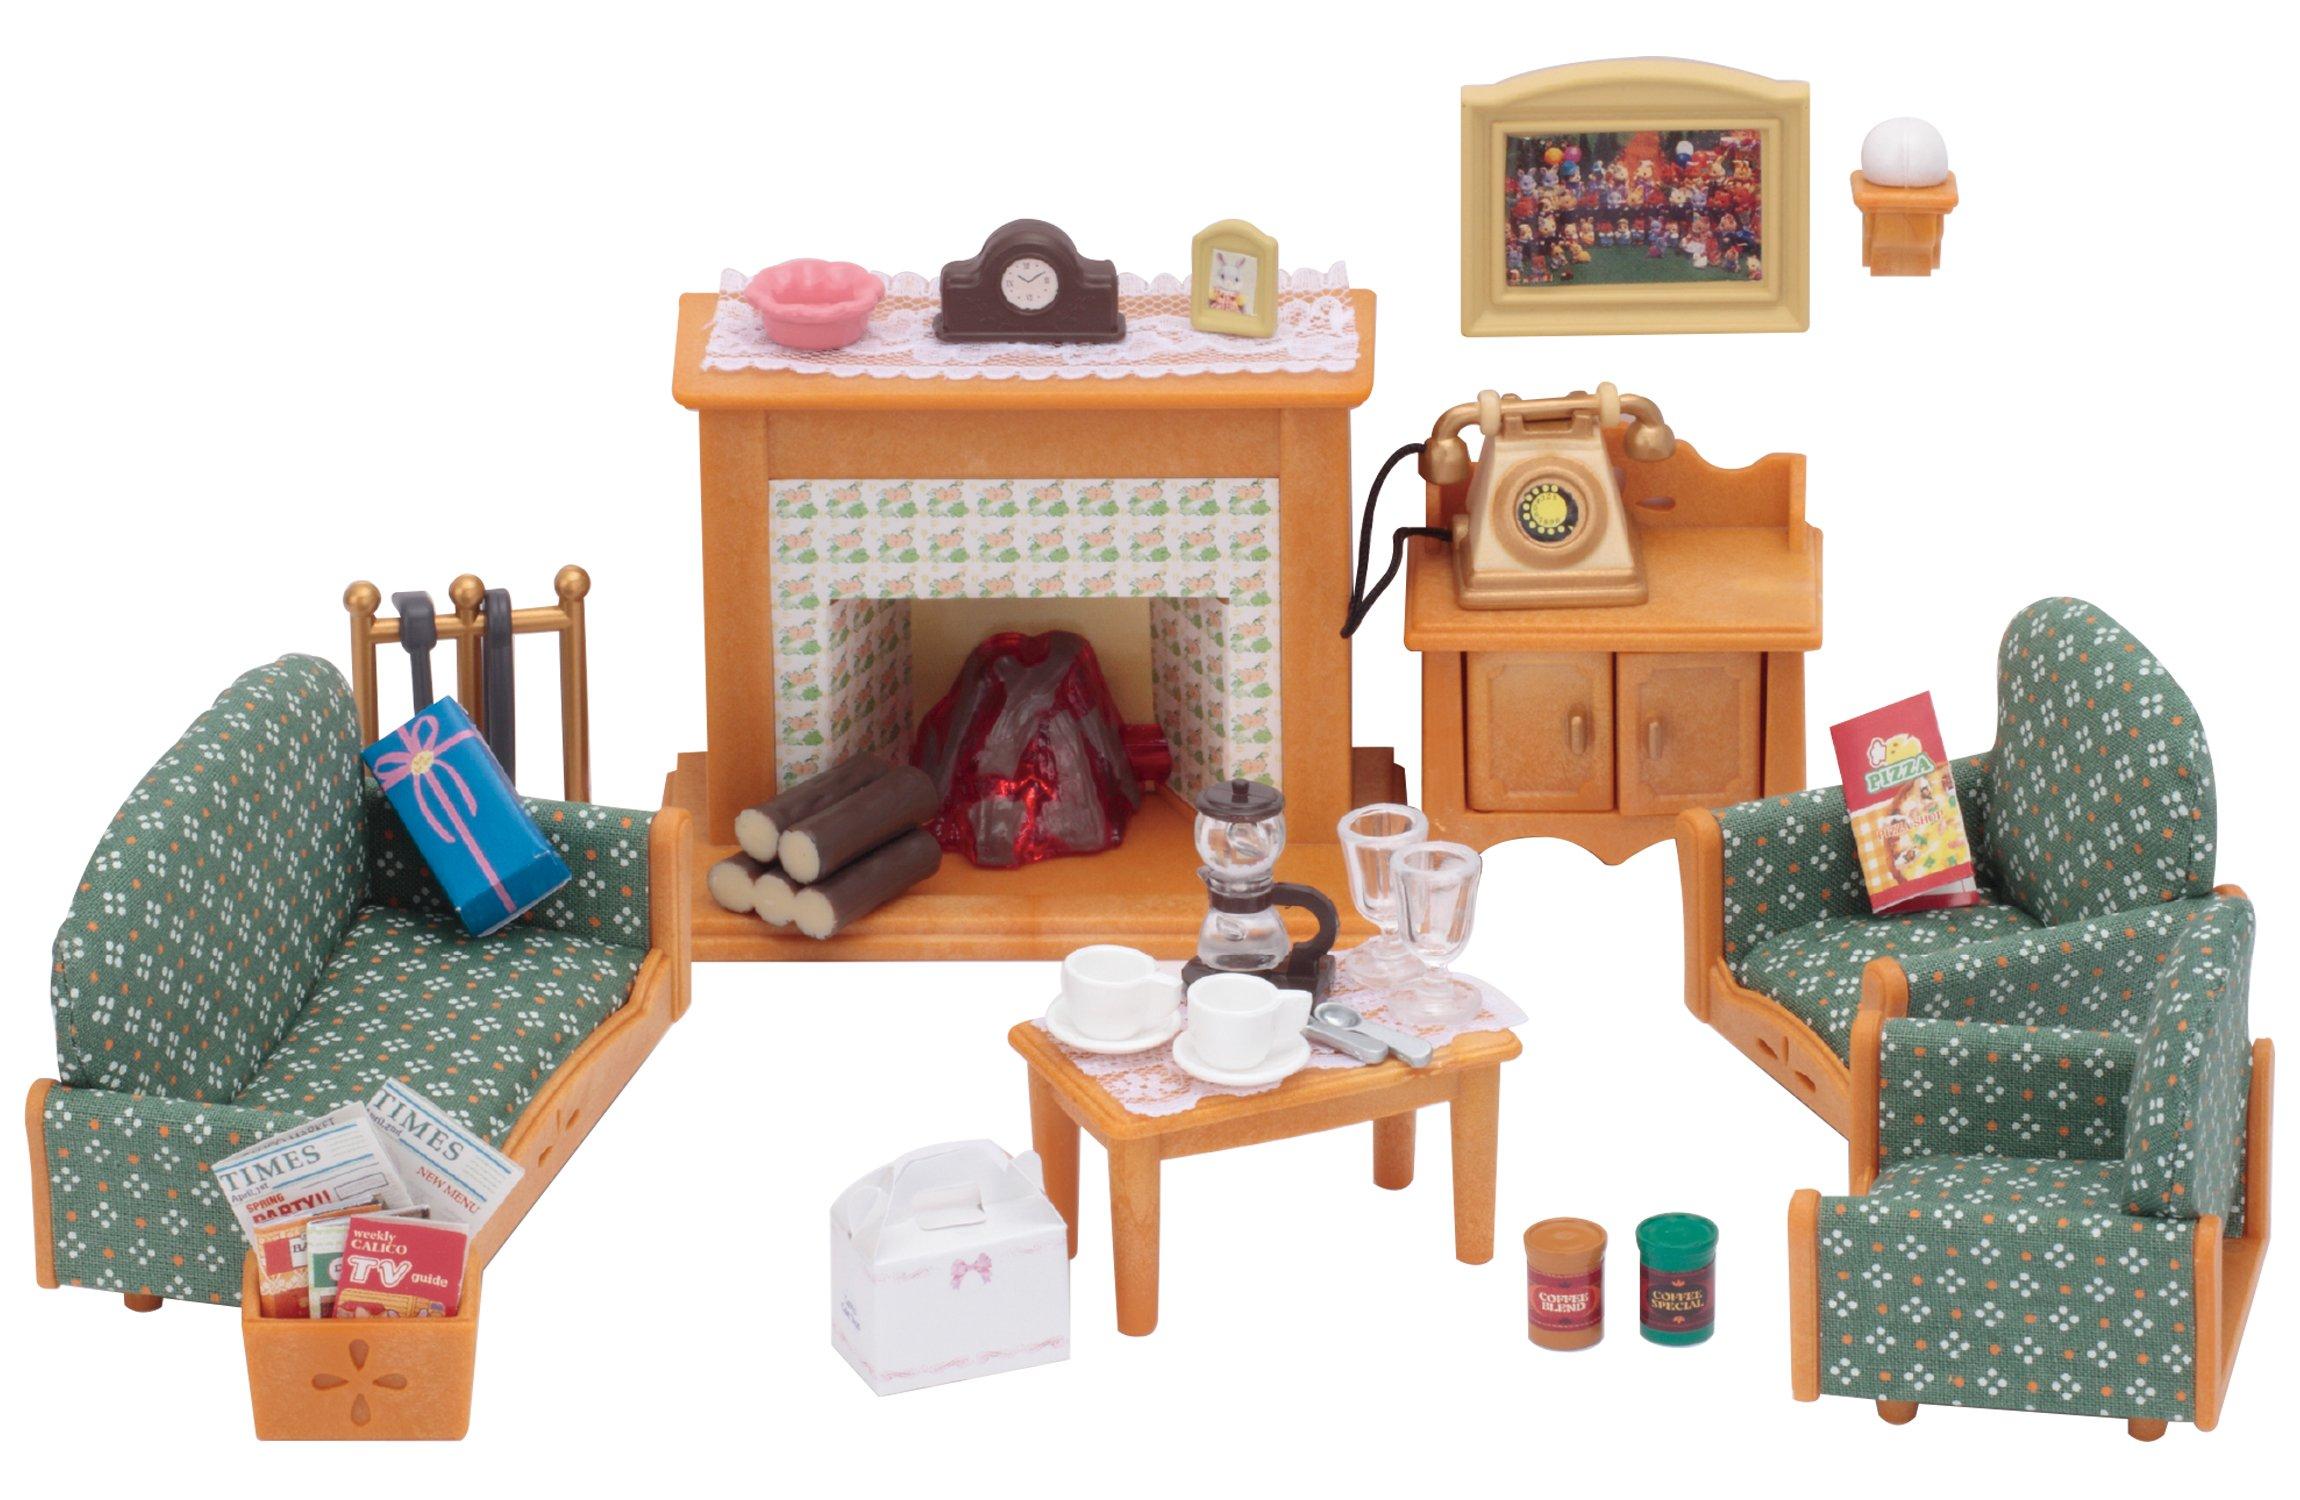 SYLVANIAN FAMILIES Deluxe Living Room Set Mini Muñecas Y Accesorios Epoch para Imaginar 5037 product image